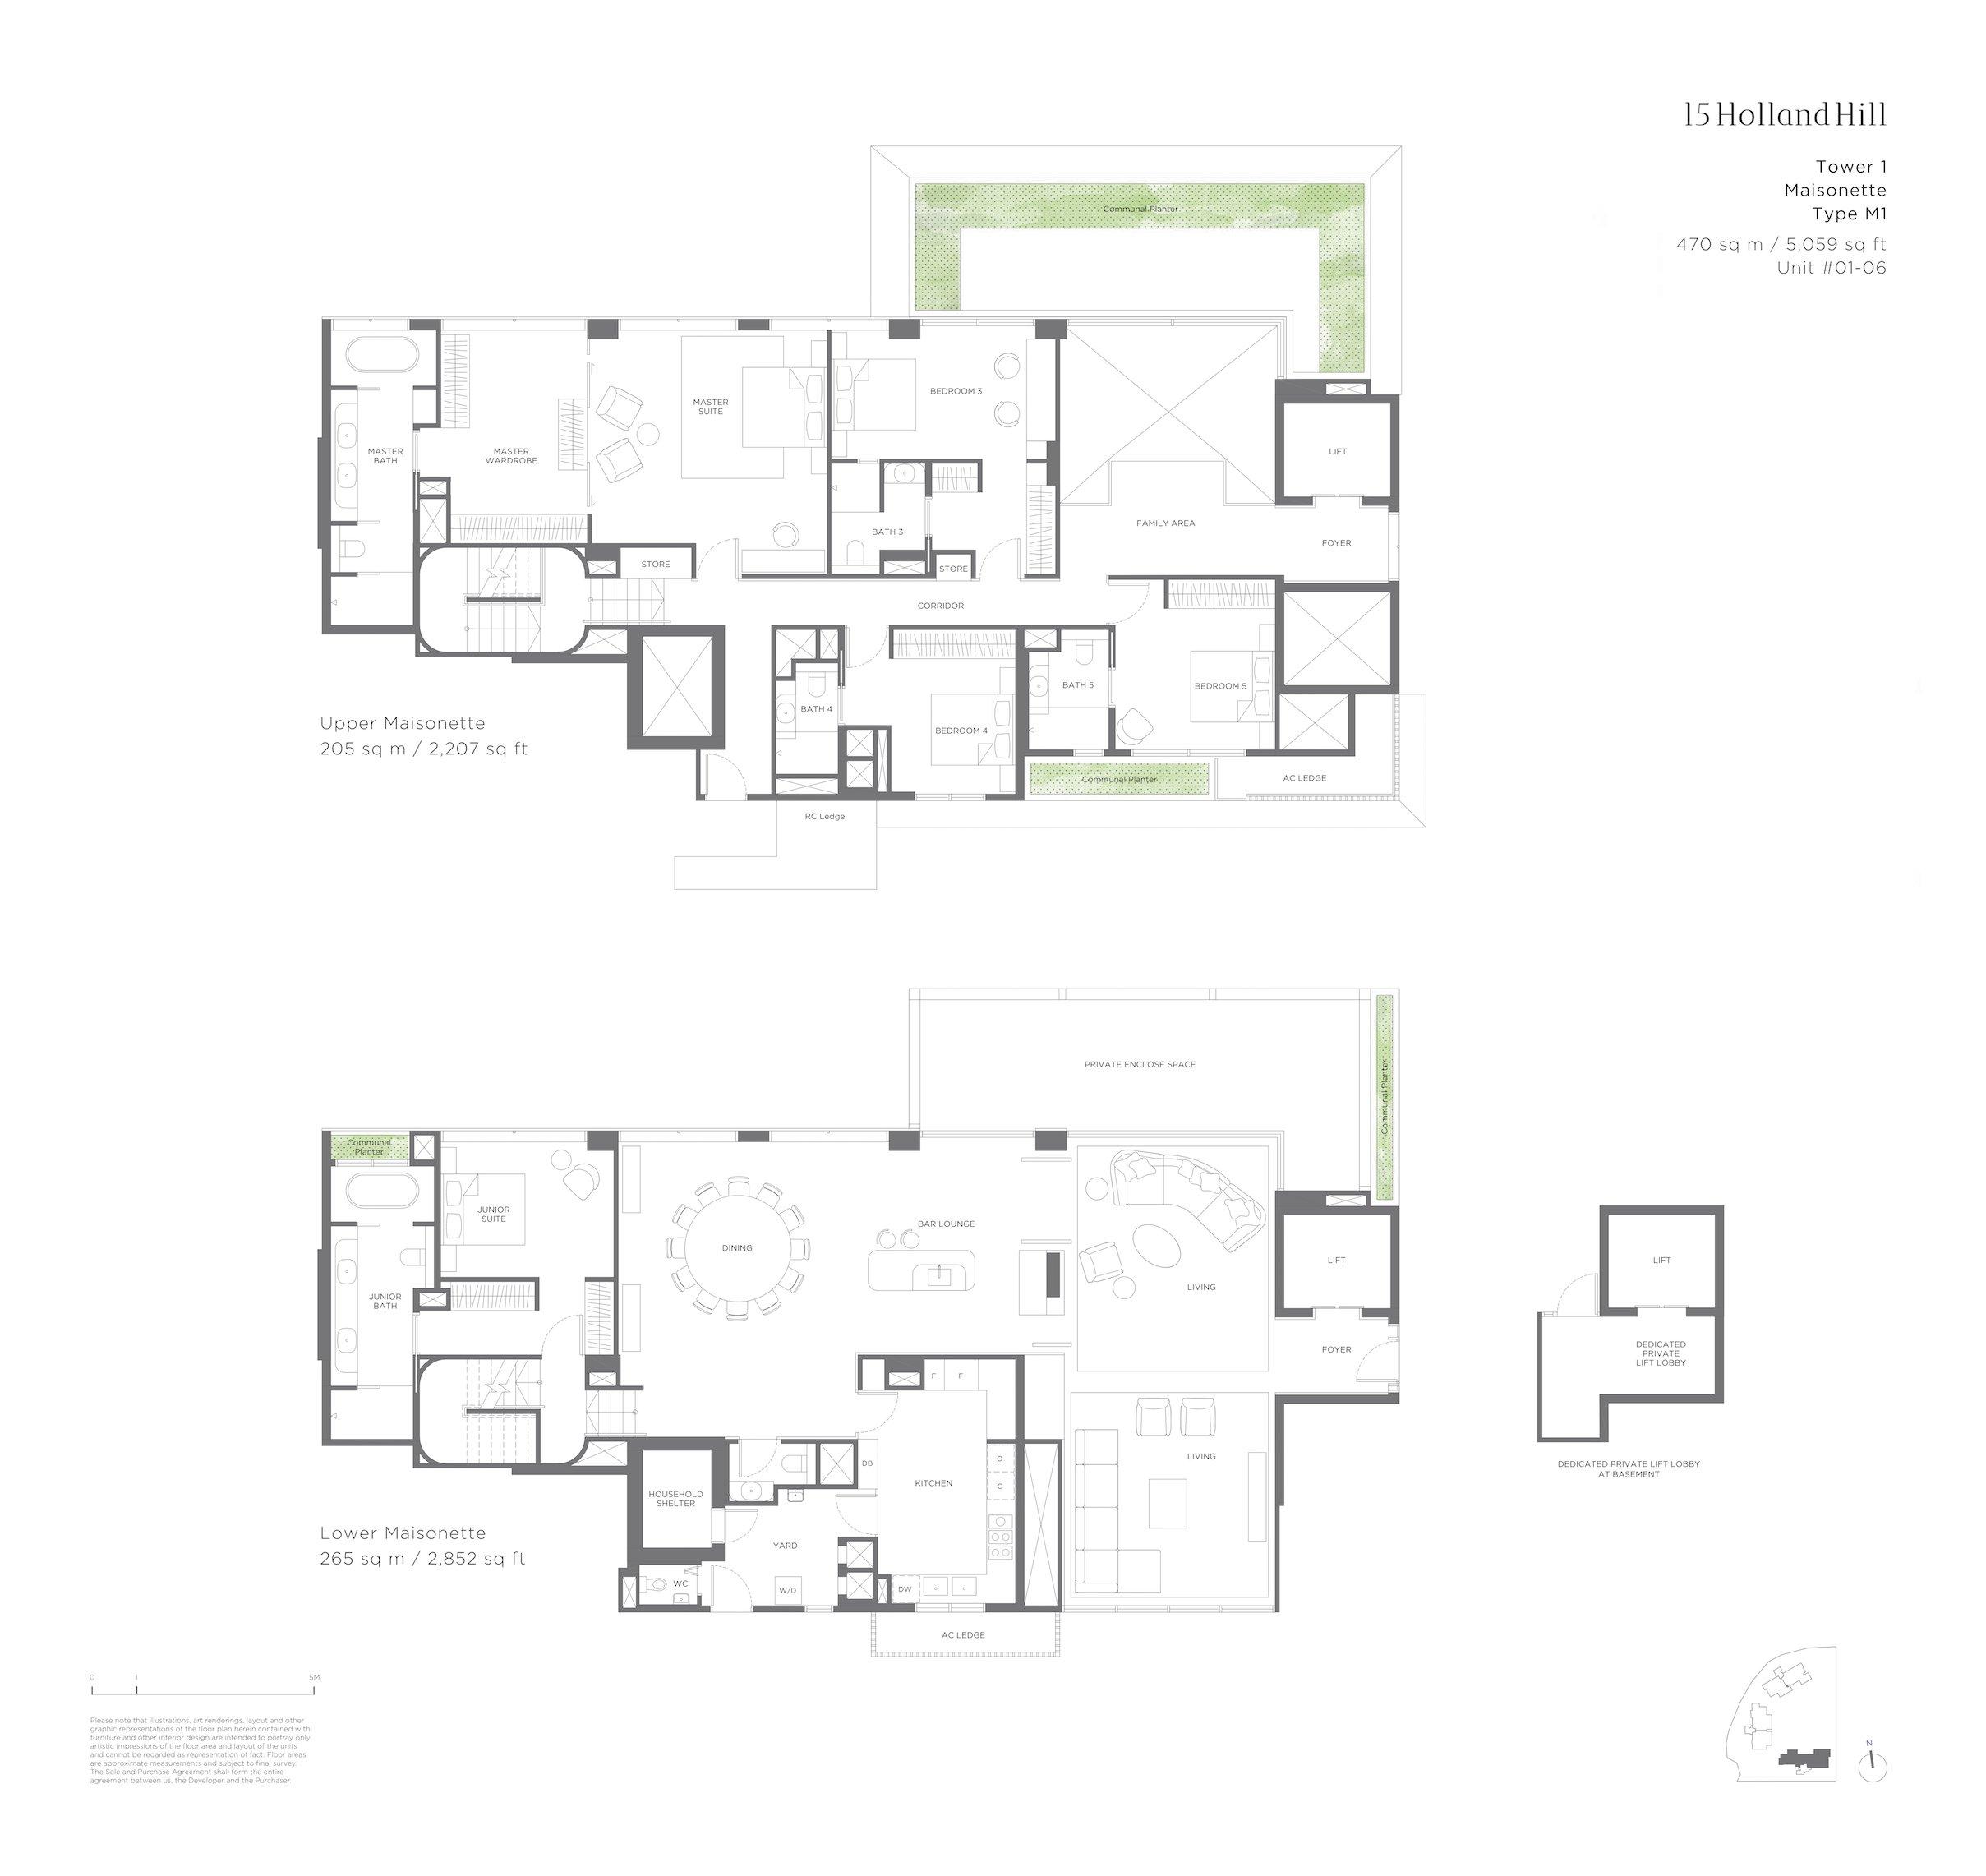 15 Holland Hill 荷兰山公寓 5-bedroom Maisonette m1